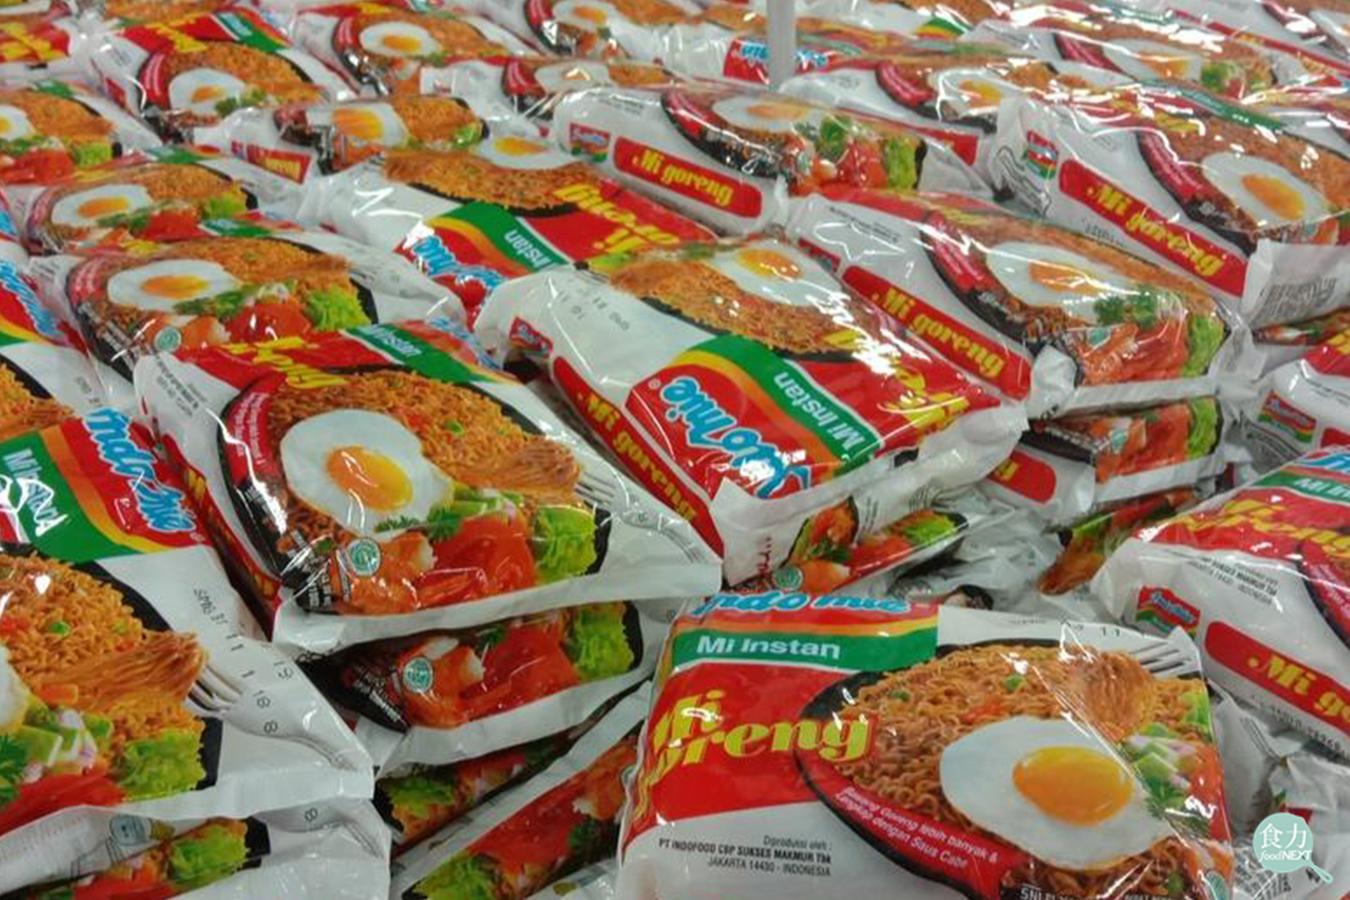 【TGA x 食力】一年被買17億次!10元印尼泡麵如何成為世界上最暢銷的速食麵品牌?